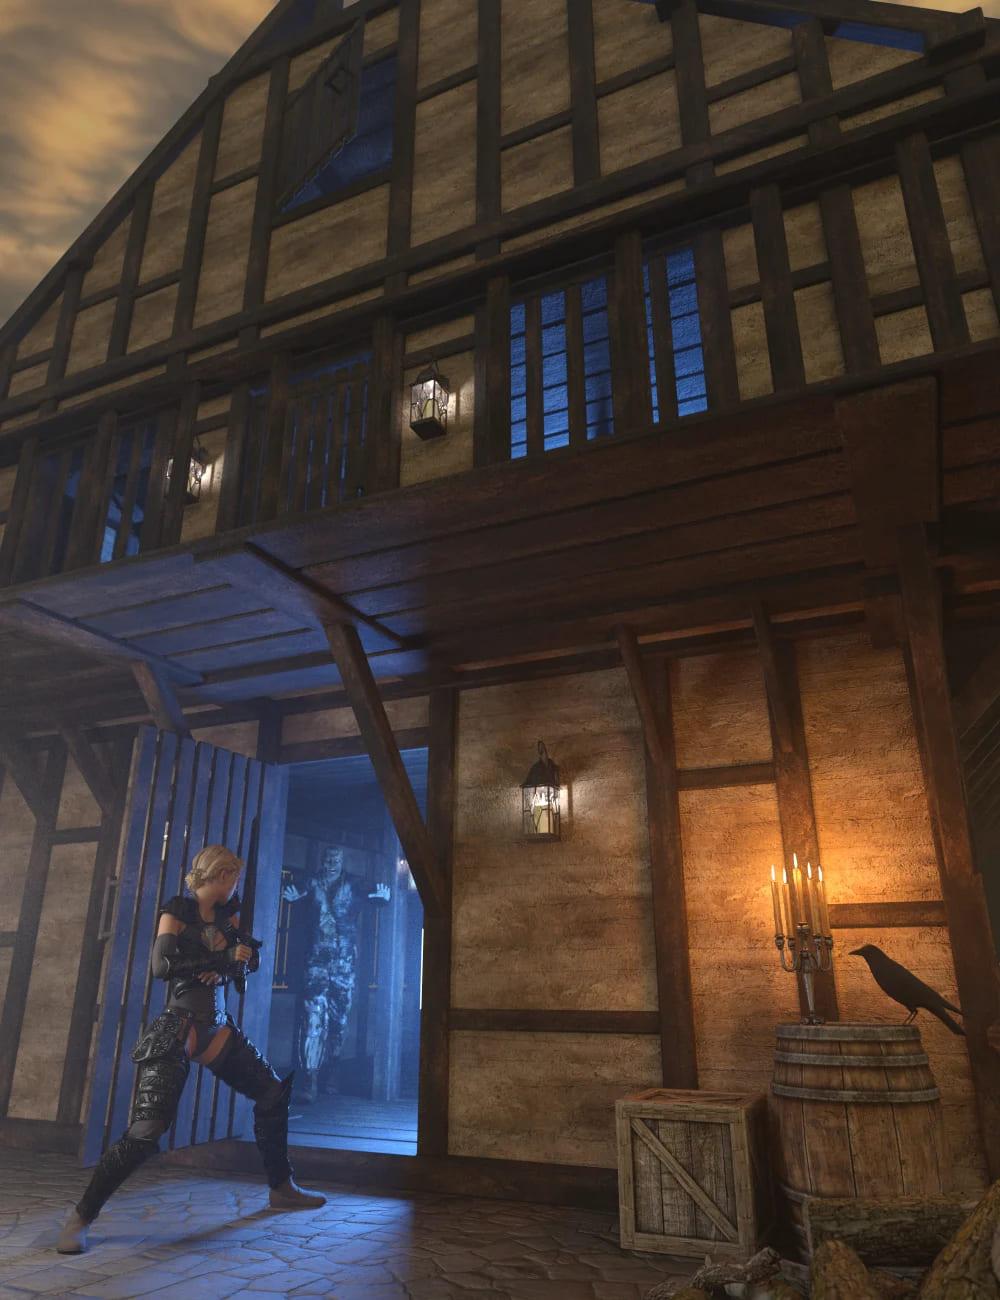 Timber Framed Houses 1_DAZ3D下载站